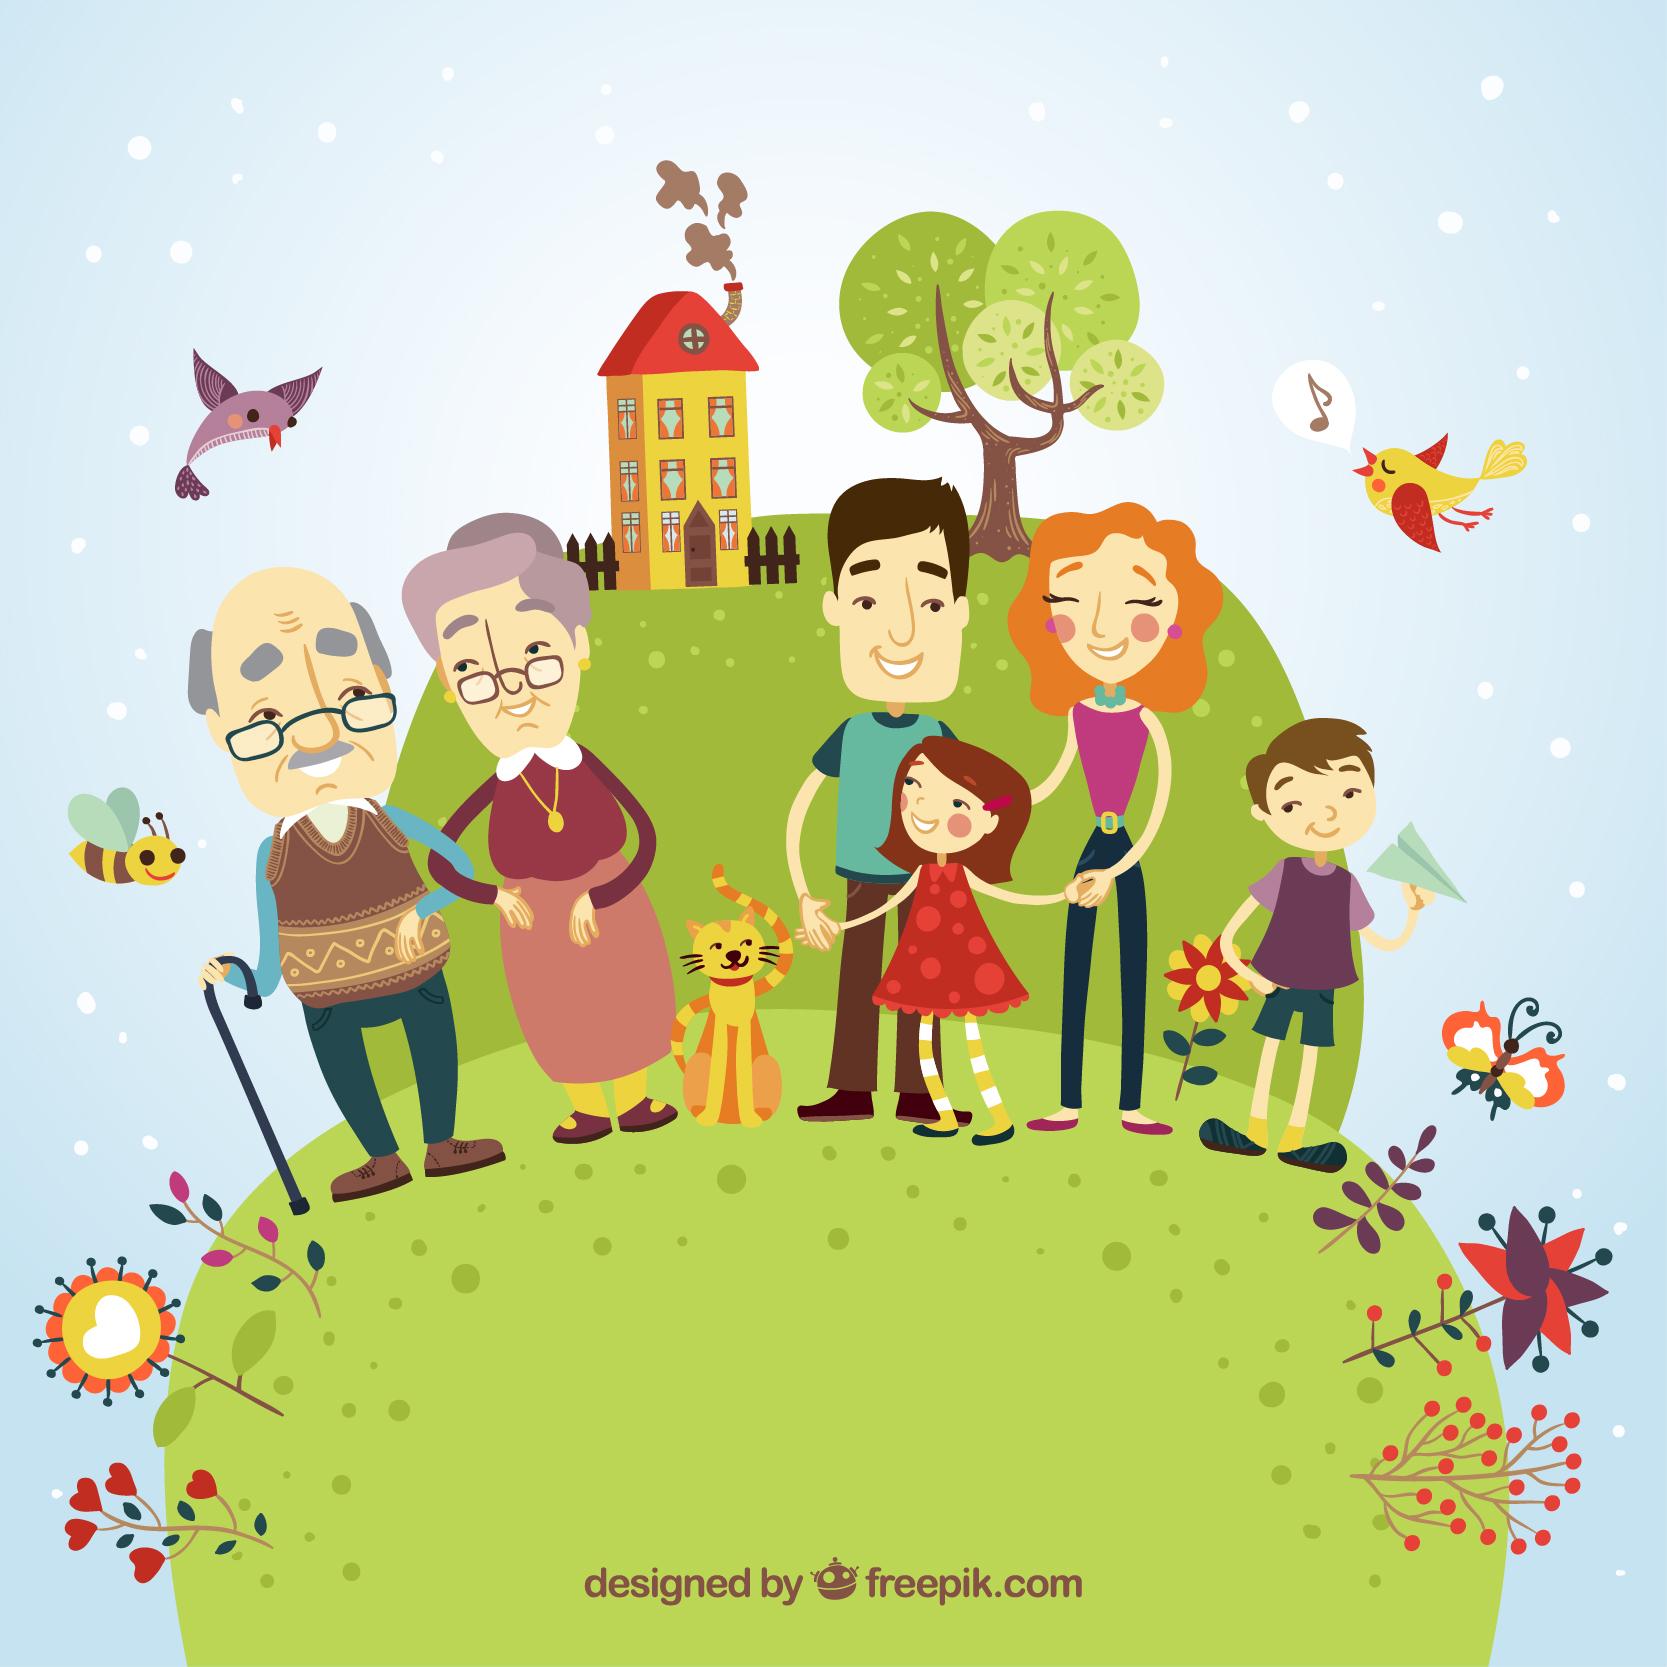 Familia - Lidando com conflitos